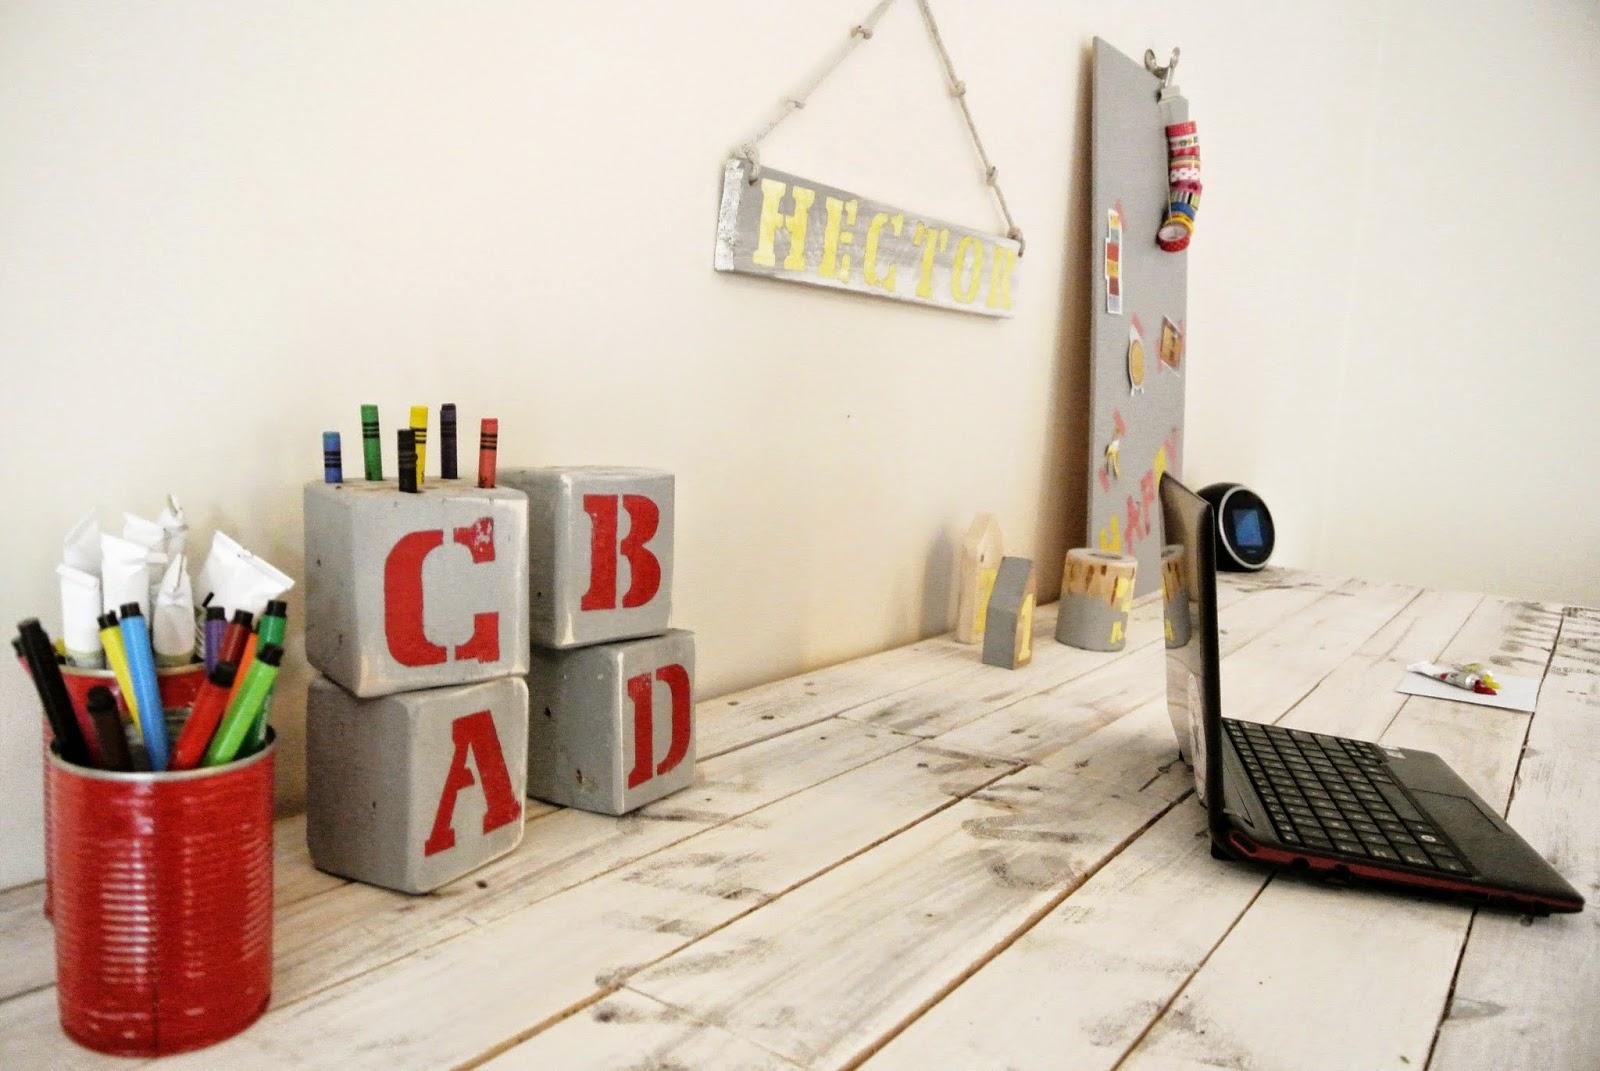 organiezer na biurko z palety,jak zrobić nbiurko z palet krok po kroku,transfer na drewnie,kolorowe litery malowane